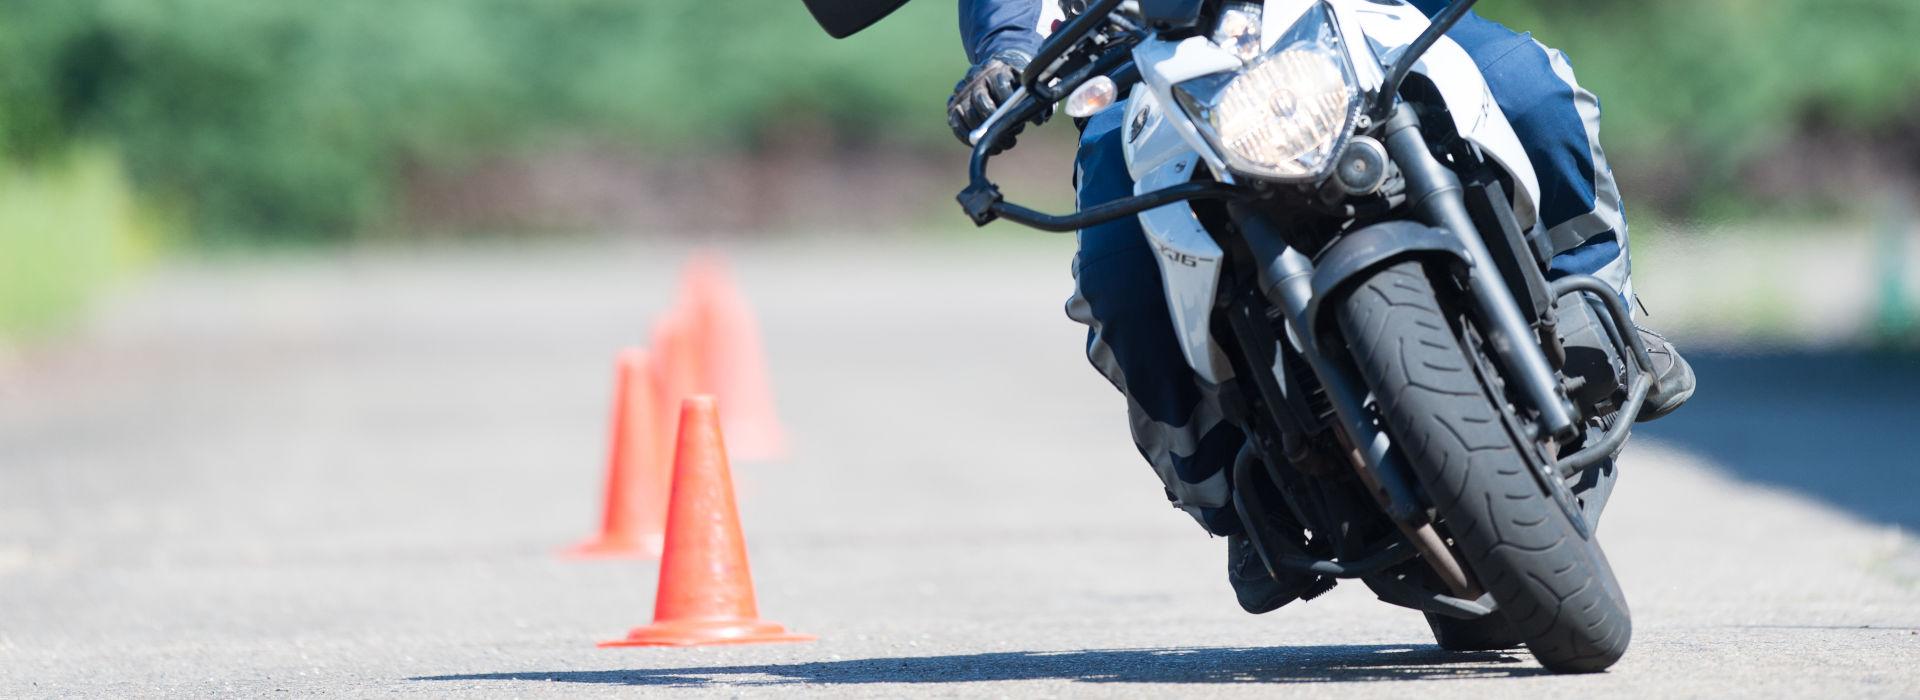 Motorrijbewijspoint Zuid-Holland motor rijvaardigheid